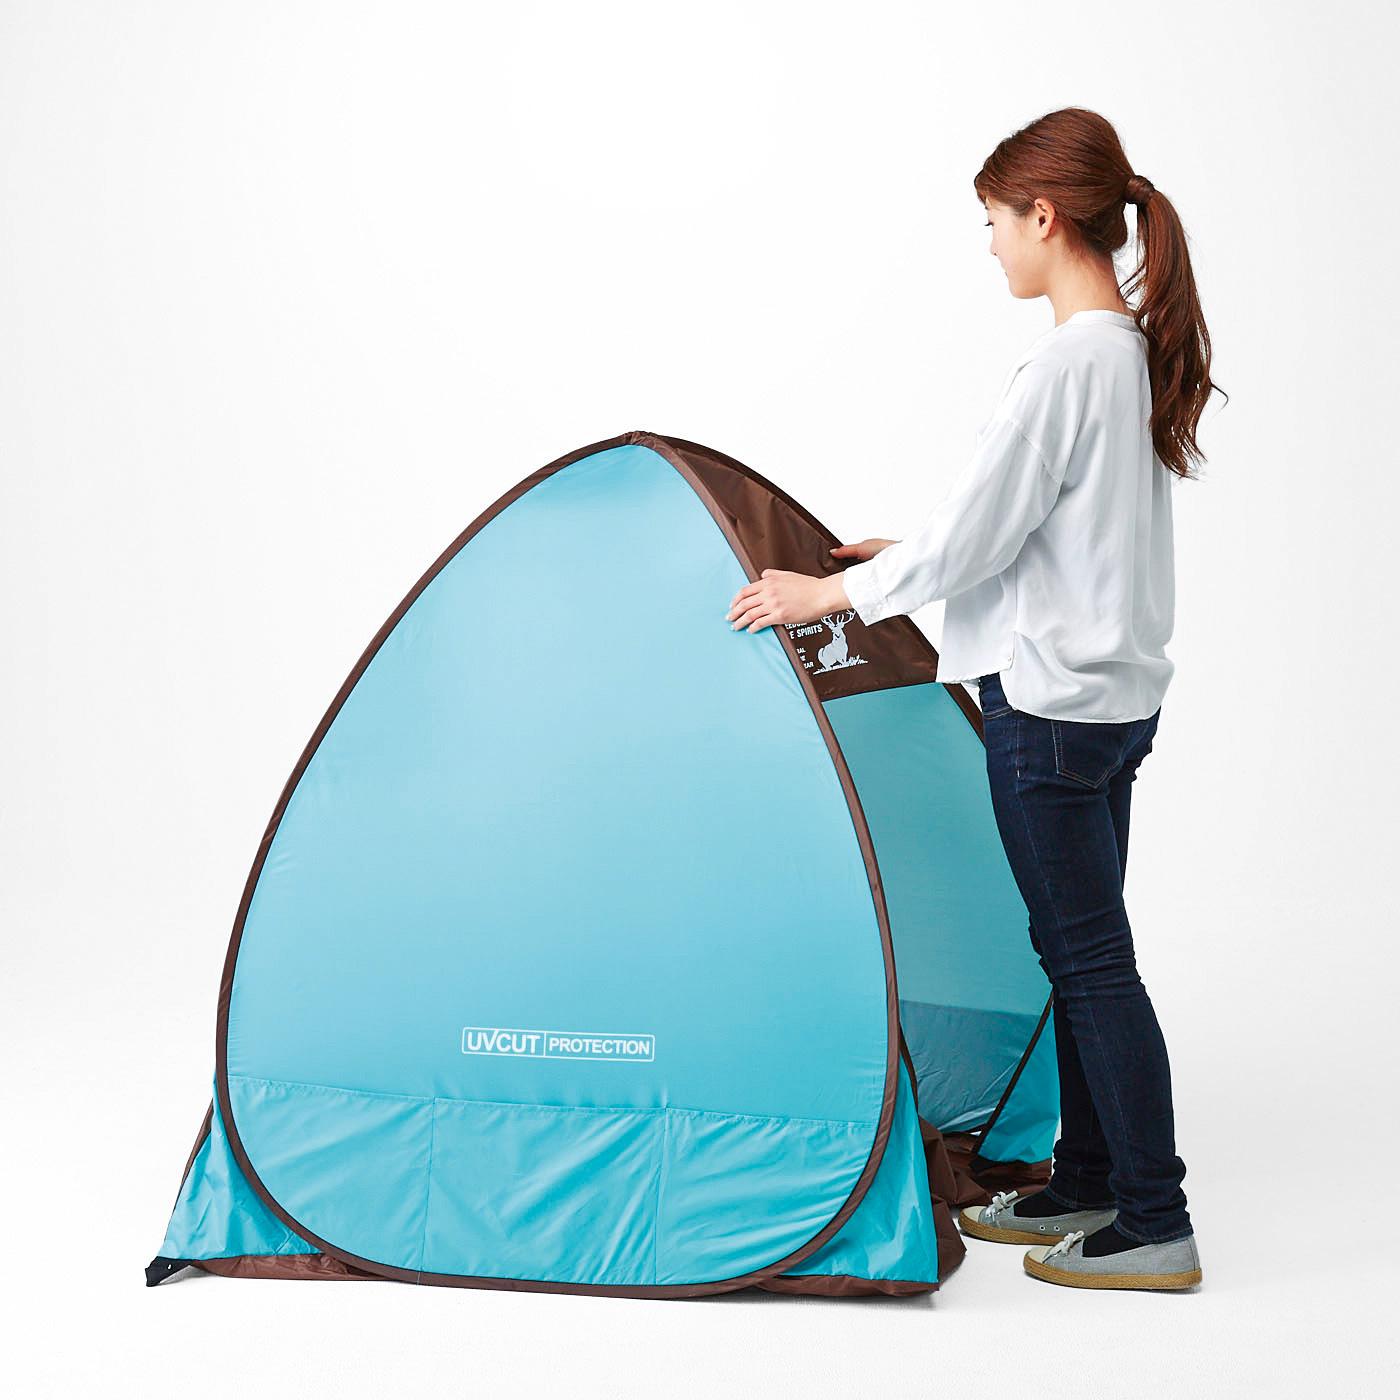 フェリシモ ポン!と設置完了 UVカットで快適 テントみたいなサンシェード